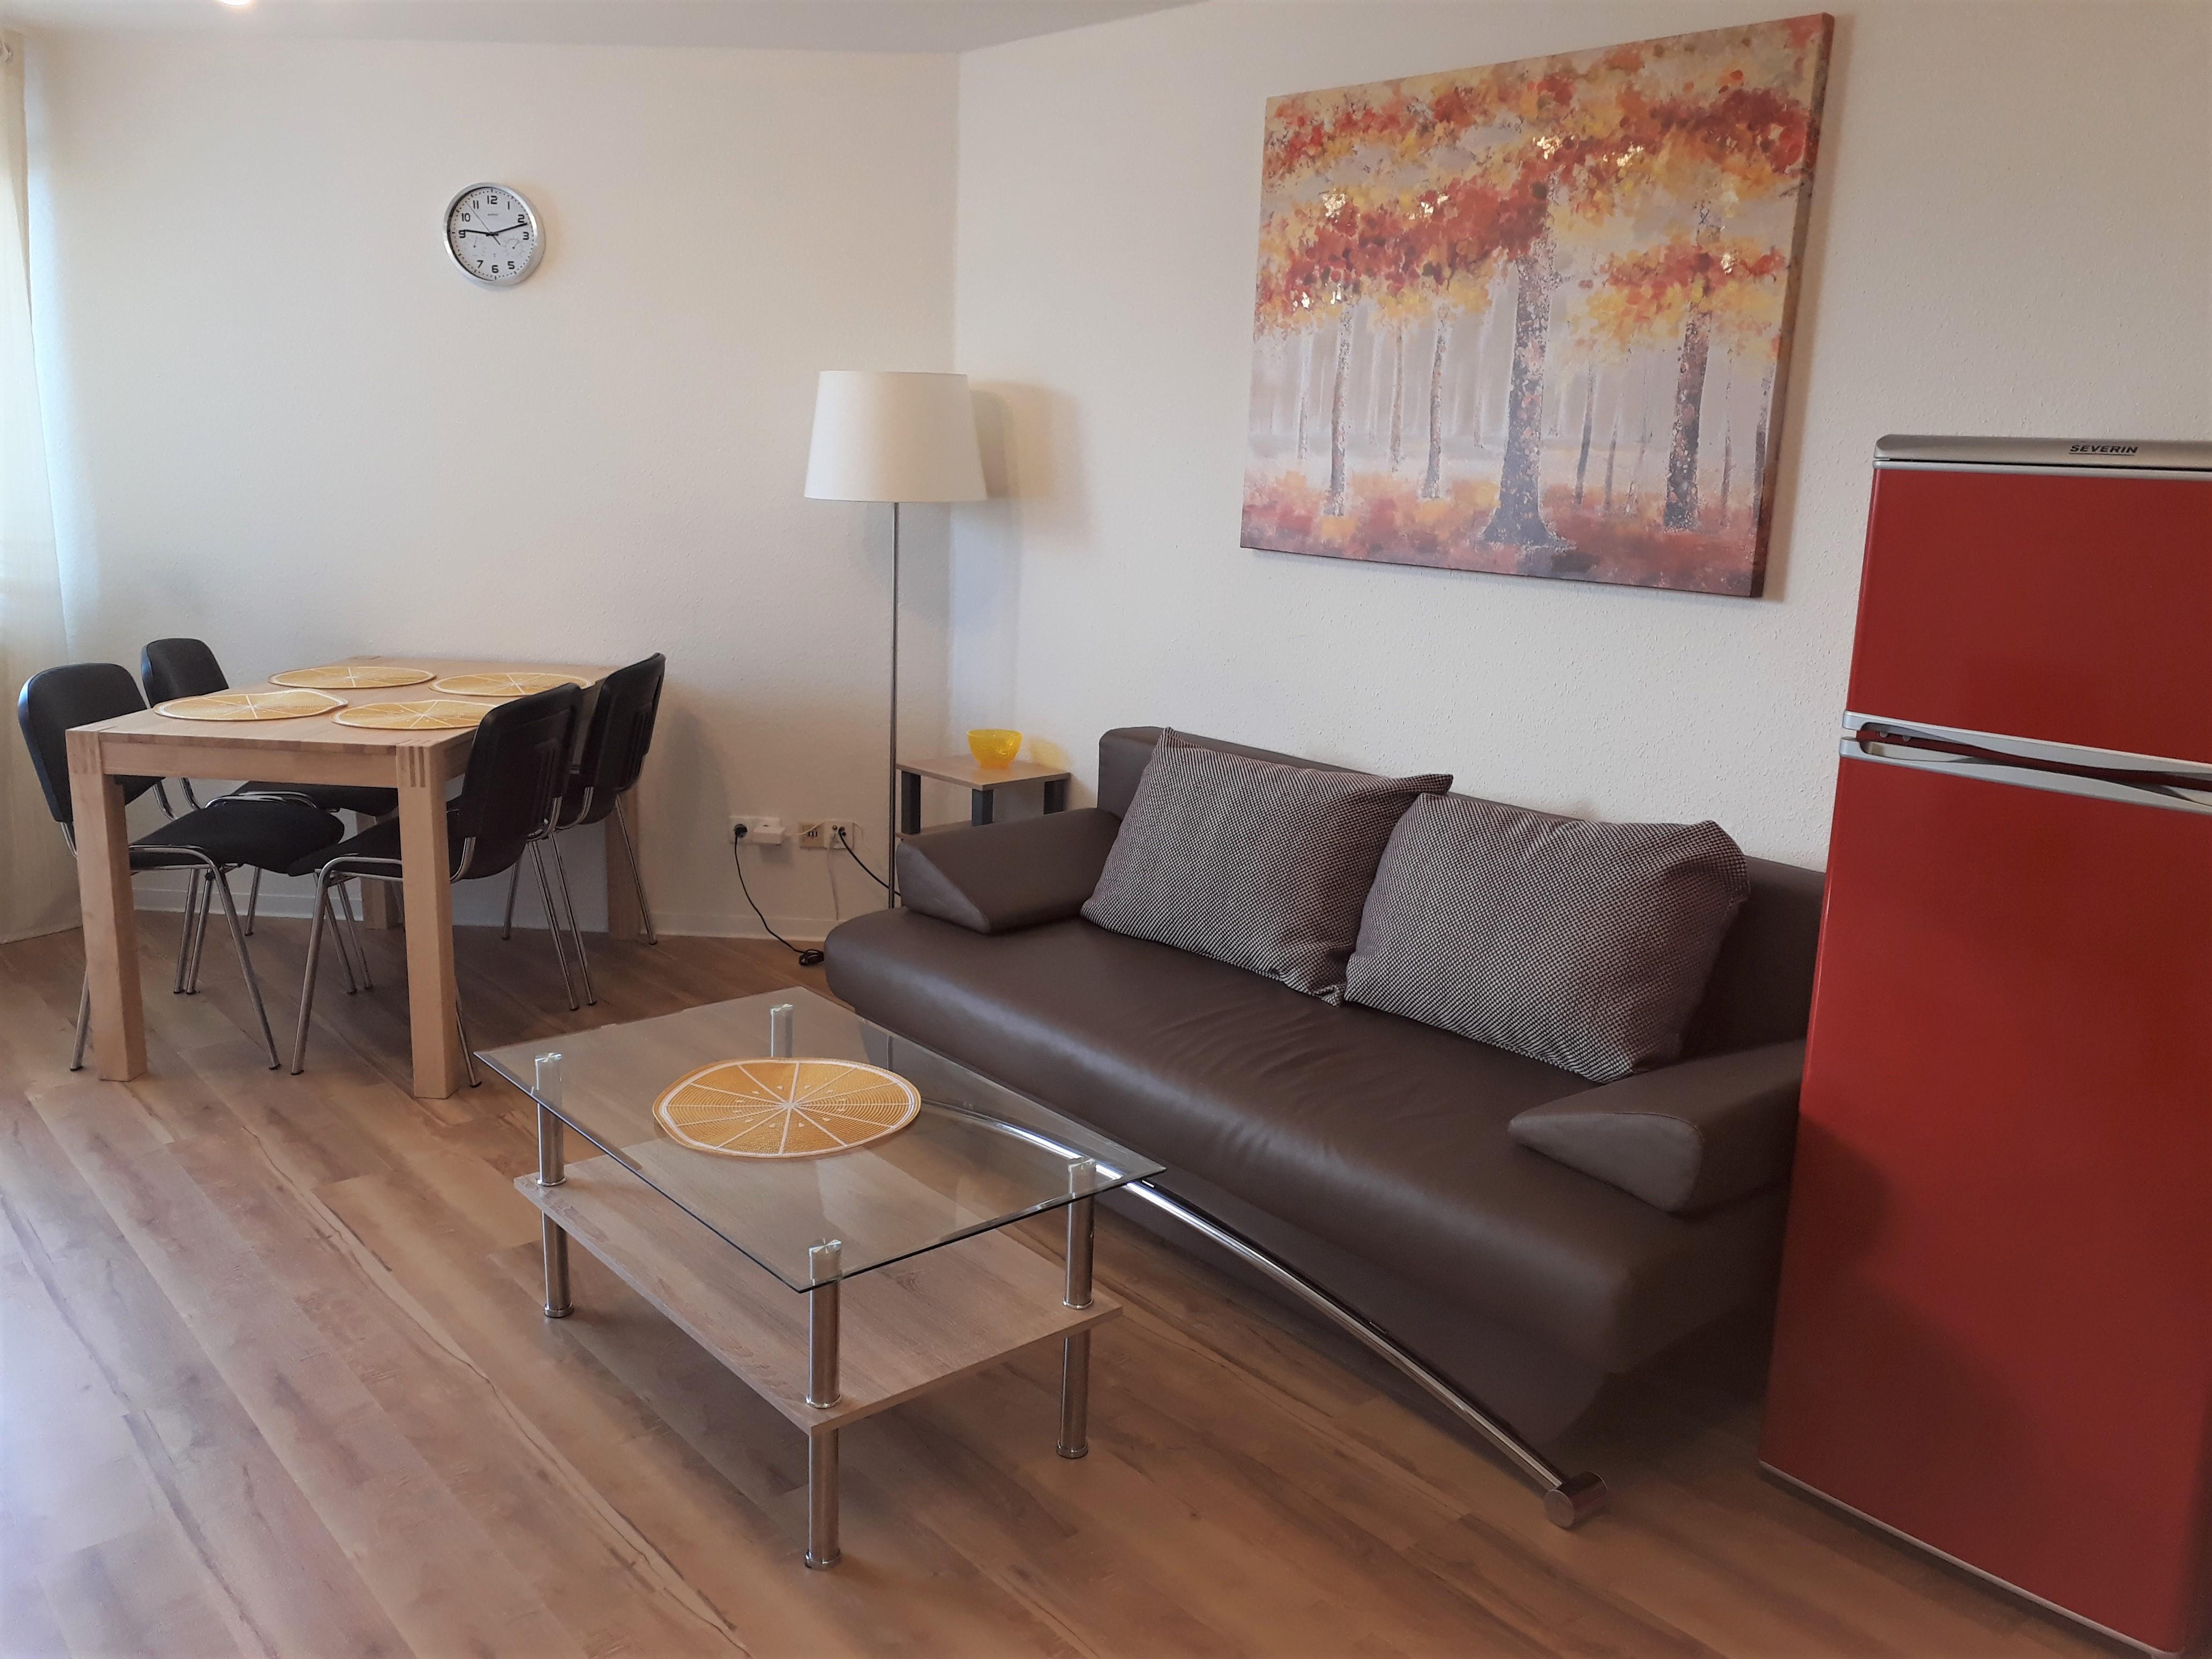 Monteurzimmer: Wohnzimmer Mit Dem Schlafcouch   Gemütliche Moderne Wohnung  / Monteurzimmer Nähe Heidelberg